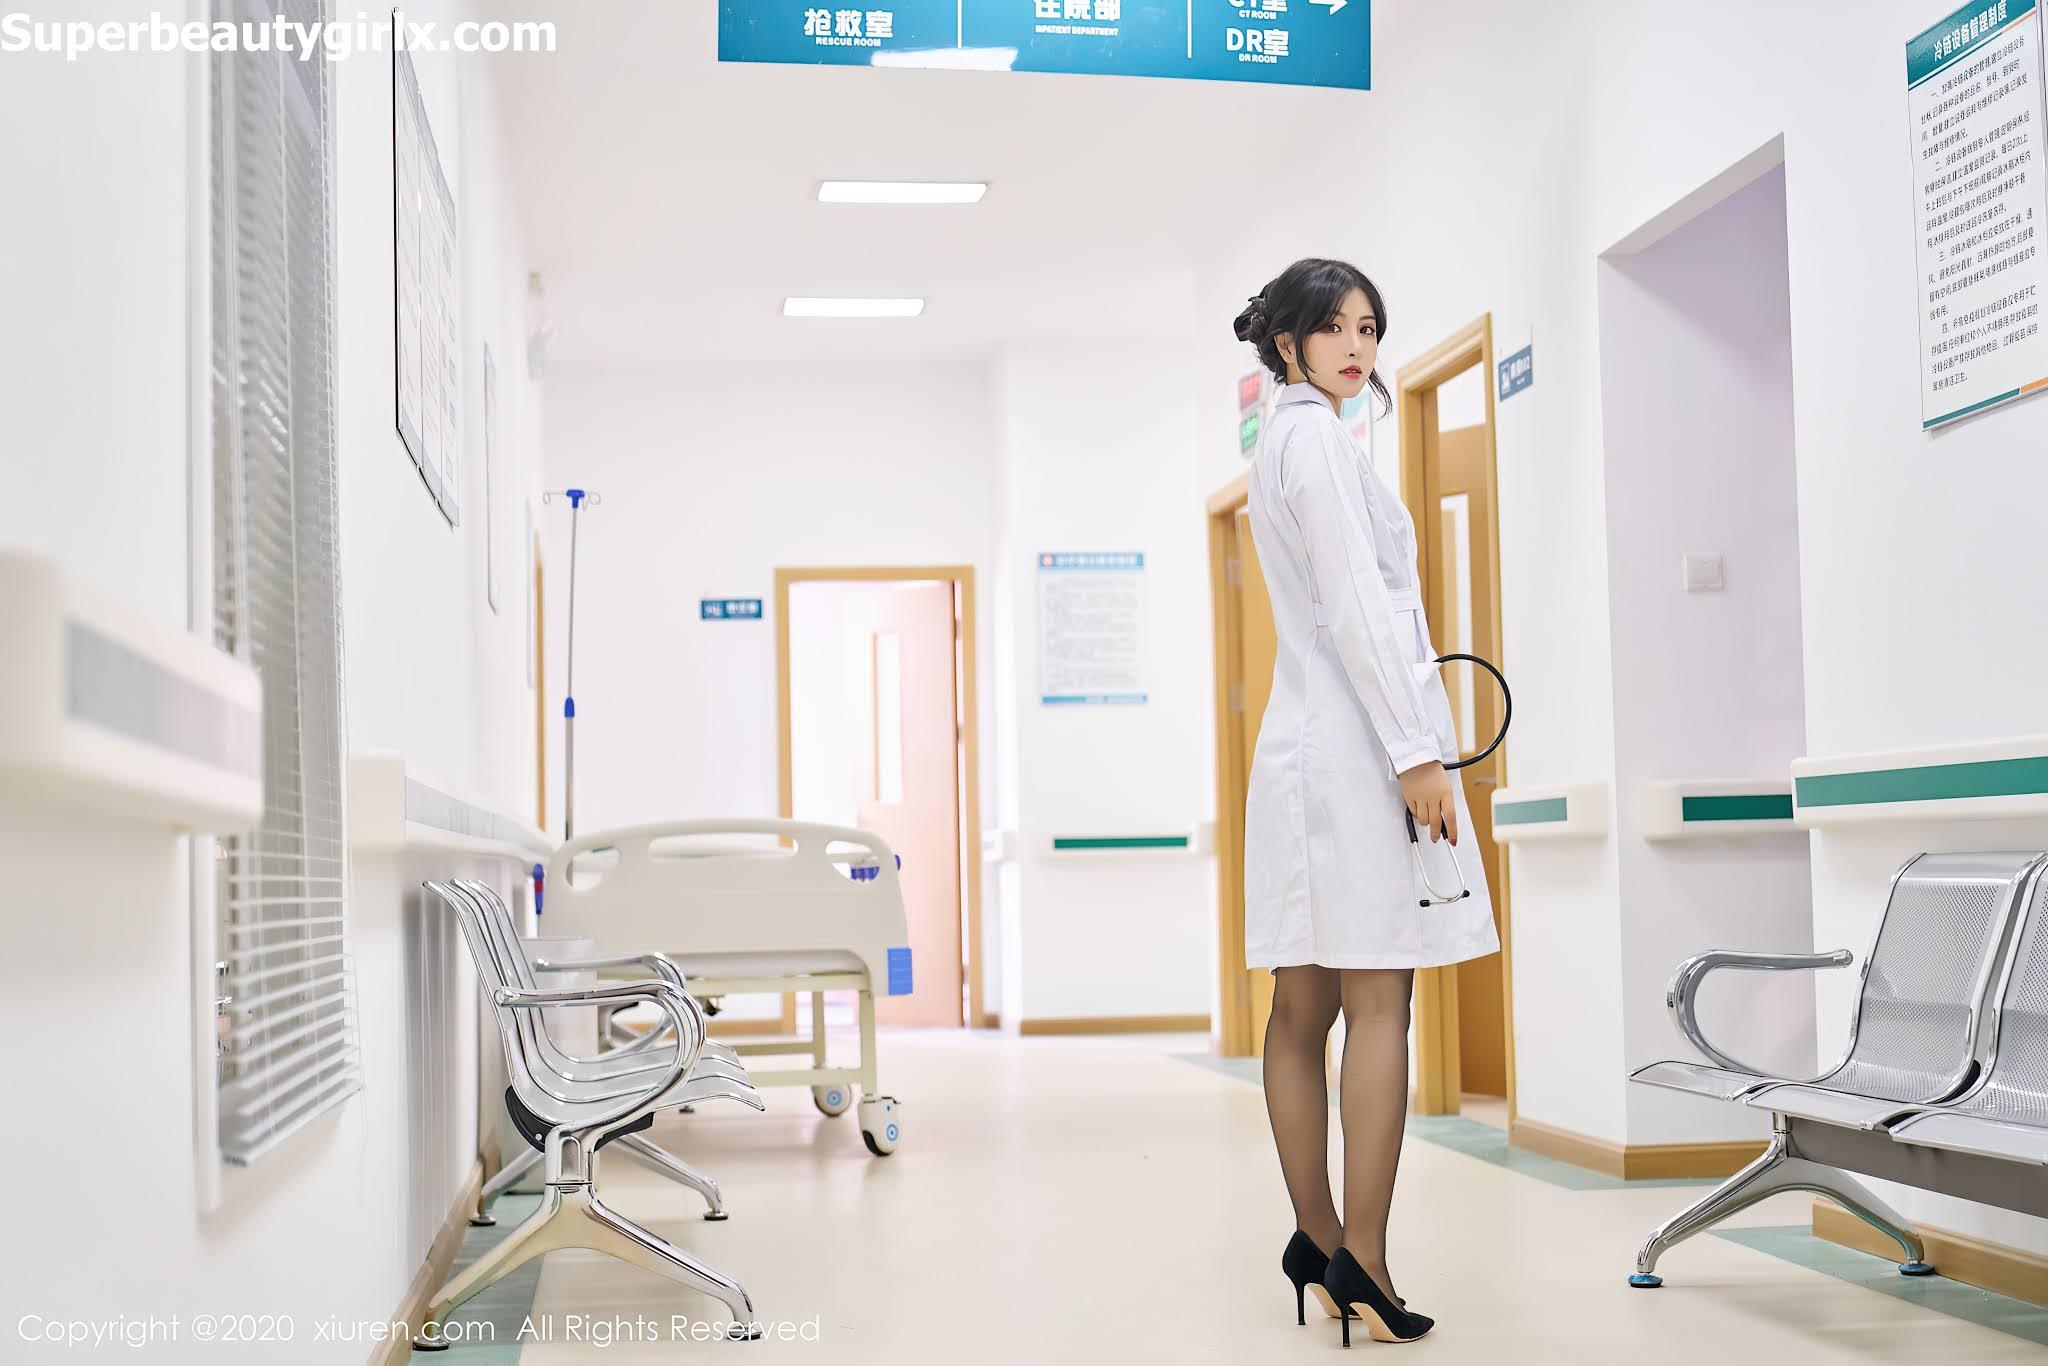 XIUREN-No.2925-Han-Jingan-Superbeautygirlx.com